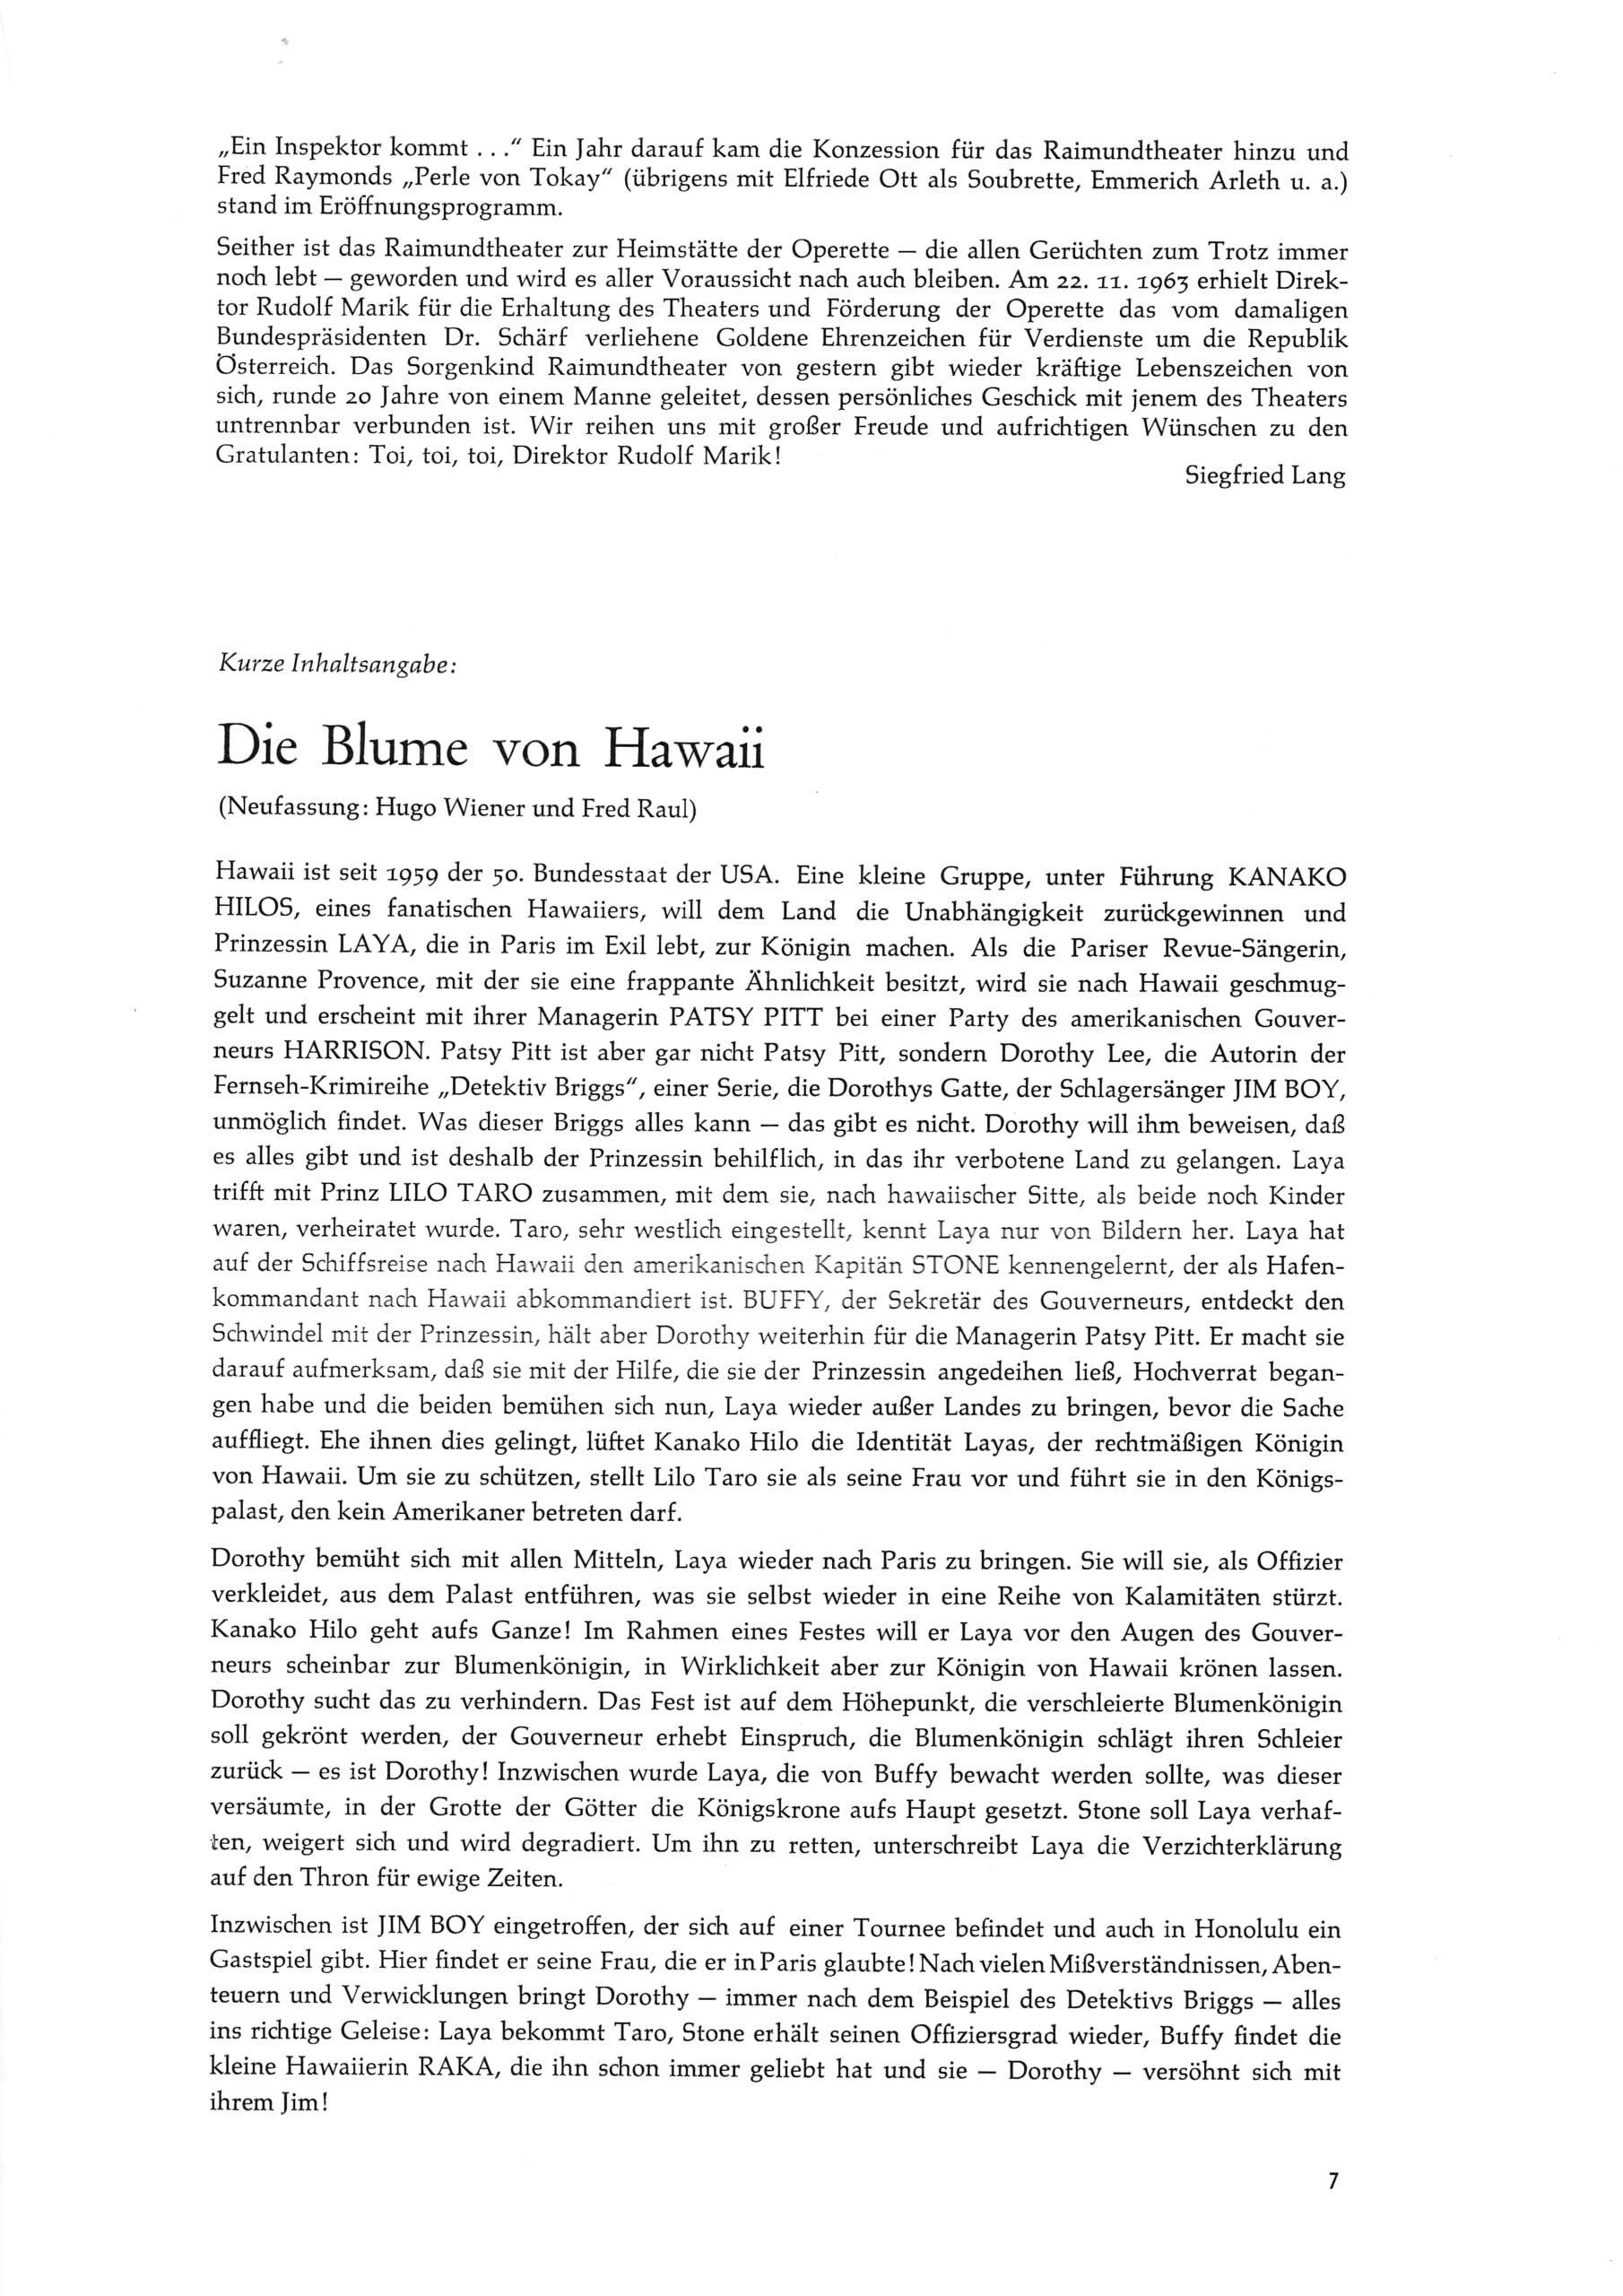 1967-68 – Die Blume von Hawaii – S.7